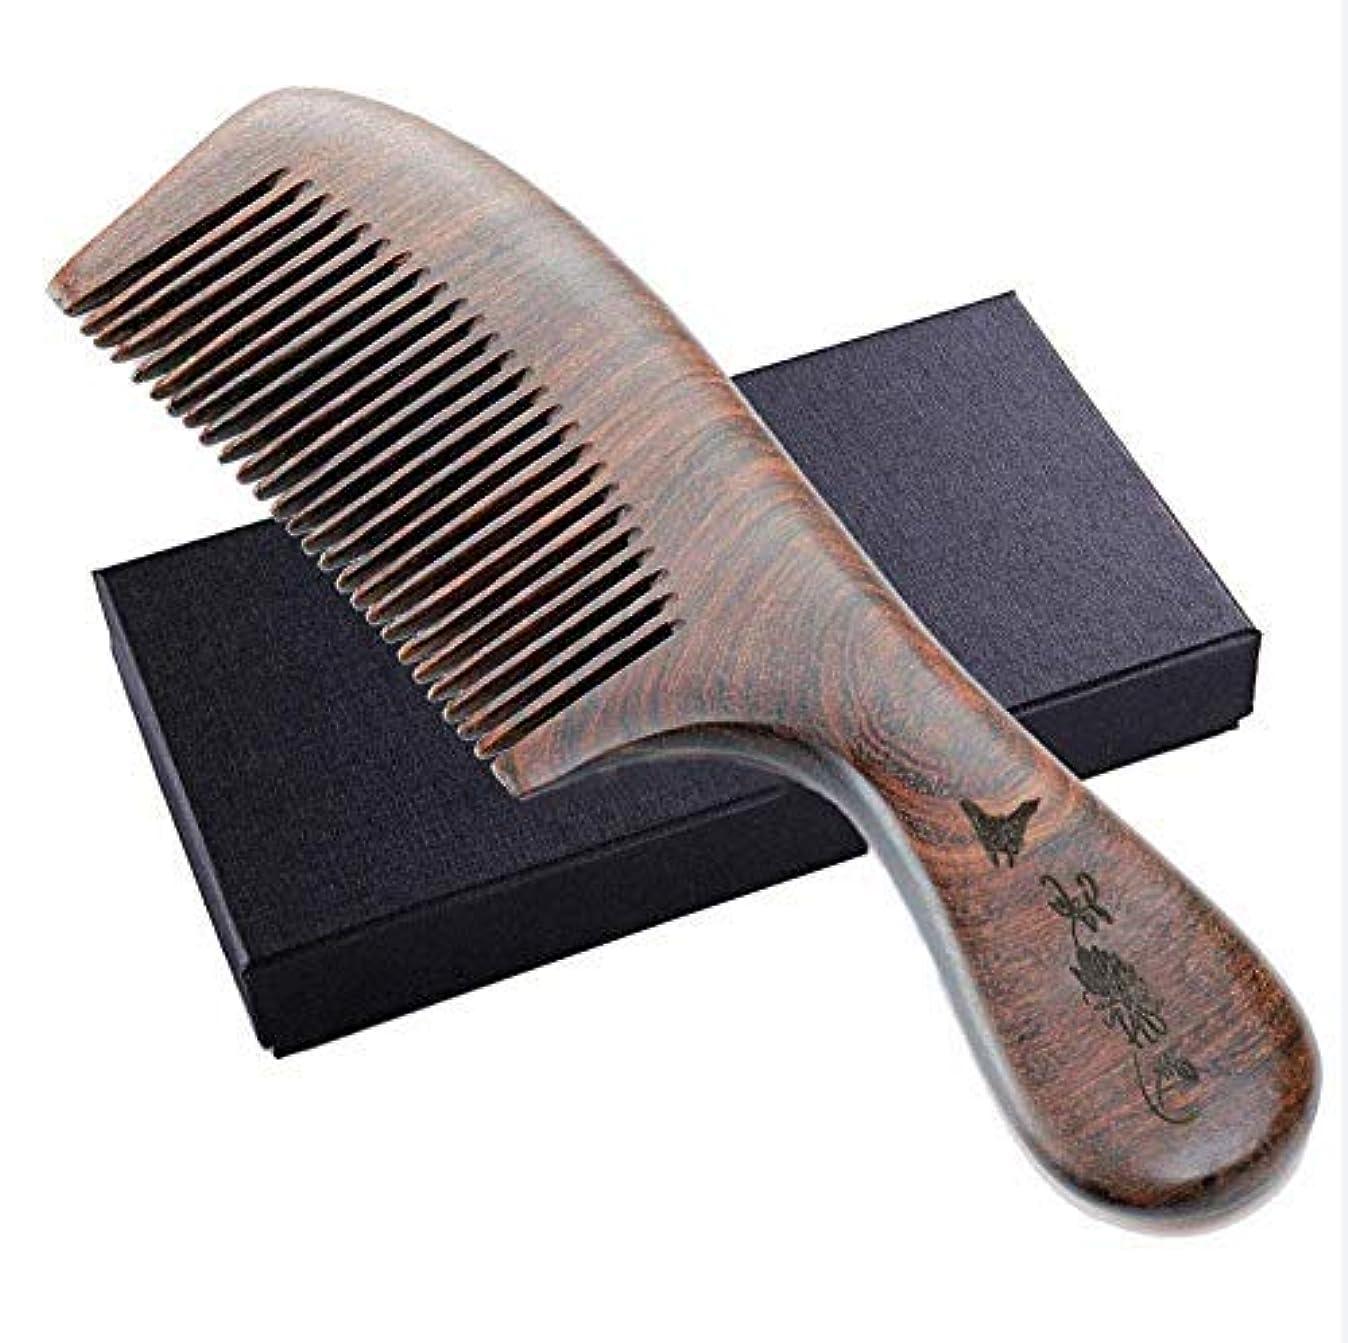 中央値拡大するシットコムWooden Hair Comb, Anti-Static, Detangling Fine Tooth Shower Comb,No Static Natural Wooden Sandalwood Comb for...